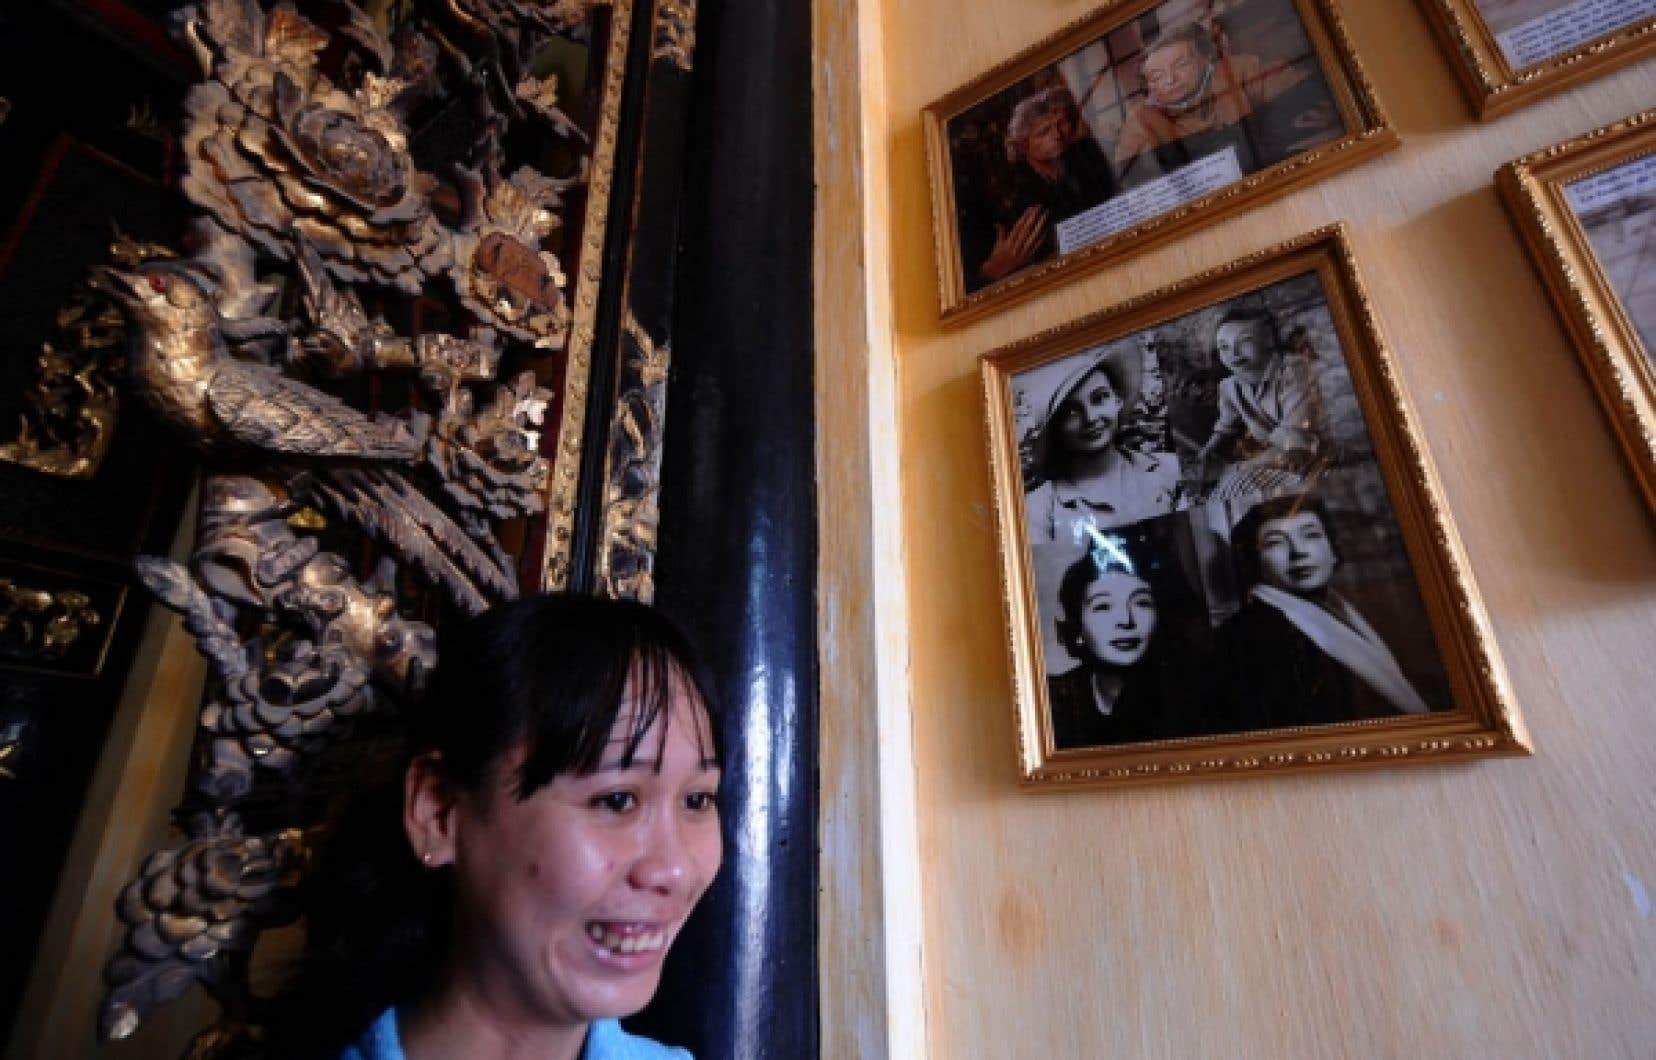 La guide Le Thi Thanh Tuyen pose devant des photographies de Marguerite Duras dispers&eacute;es sur les murs de la maison de l&rsquo;Amant, &agrave; Sadec, maintenant ouverte au public.<br />